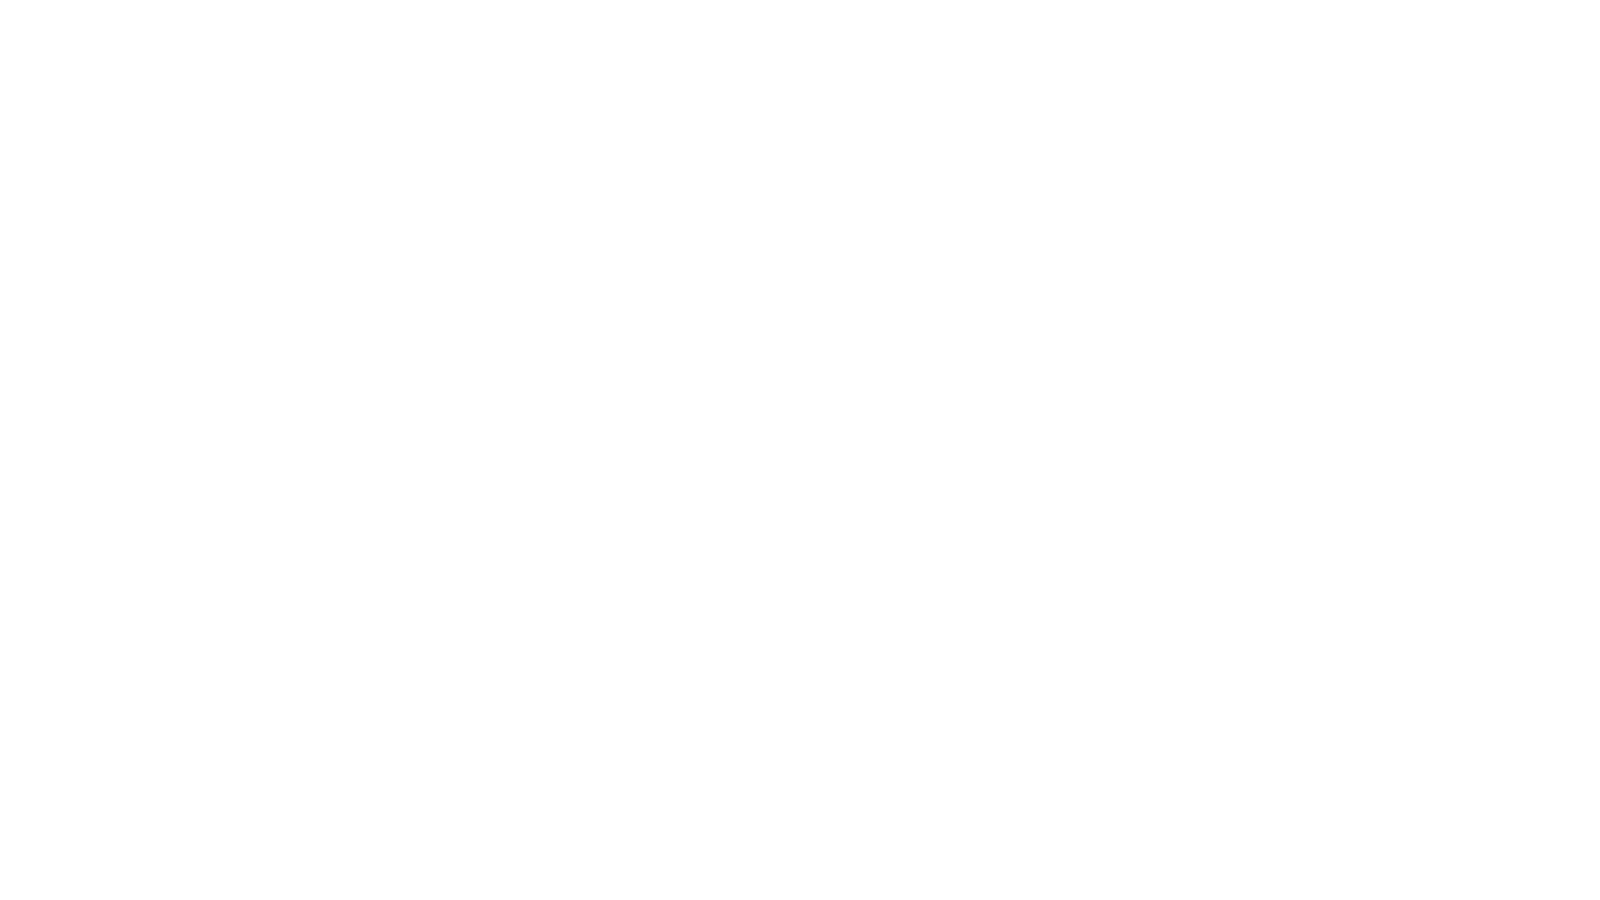 Die 200-Liter Westfalia Transportbox wurde von https://mein-fahrradträger.de getestet. Wir haben die Heckbox für zusätzlichen Stauraum am Fahrzeug auf den Kupplungsträger BC 60 von Westfalia Automotive ausprobiert. Sie ist aber auch am Westfalia Bikelander, BC 70 und BC 80 komfortabel mit den Transportrollen einsetzbar. Sicherheitstechnisch haben wir auch bei unseren Fahrtests keinerlei Mängel feststellen können.  Weiteres Zubehör für die Fahrradträger von Westfalia: - eine Erweiterung für ein 3. Fahrrad - eine Auffahrrampe (besonders gut für E-Bikes) - eine Transportplattform - ... Den Fahrradträger auf Amazon ansehen * (Affiliatelinks): Westfalia Heckbox: https://amzn.to/3pdFoor Westfalia BC 60: https://amzn.to/3c5WYXz Bericht zur Westfalia Heckbox: https://mein-fahrradtraeger.de/westfalia-bc-60-modell-2018-im-test/ https://mein-fahrradtraeger.de/westfalia-heckbox/ Webseite: https://mein-fahrradträger.de Facebook: https://www.facebook.com/MeinFahrradtraeger/ (c) kimmerle-projects.net Inh. Marcel Kimmerle - Alle Rechte vorbehalten. Musik: Gemafreie Musik von www.frametraxx.de (Dancing in Detroit) Mit freundlicher Unterstützung von Westfalia Automotive: https://westfalia-automotive.com Impressum: https://mein-fahrradträger.de/impressum Folgende Themen werden in diesem Video behandelt: #Fahrradträgertest #Fahrradträger #WestfaliaTransportbox #Heckbox #MeinFahrradträger #FahrradträgerFürAHK *Die gekennzeichneten Links sind Affiliate-Links. Die Angebote stammen nicht von mir, allerdings erhalte ich durch den Verweis eine Provision, wenn dann ein Kauf stattfindet, jedoch, ohne dass Euch zusätzliche Kosten entstehen.